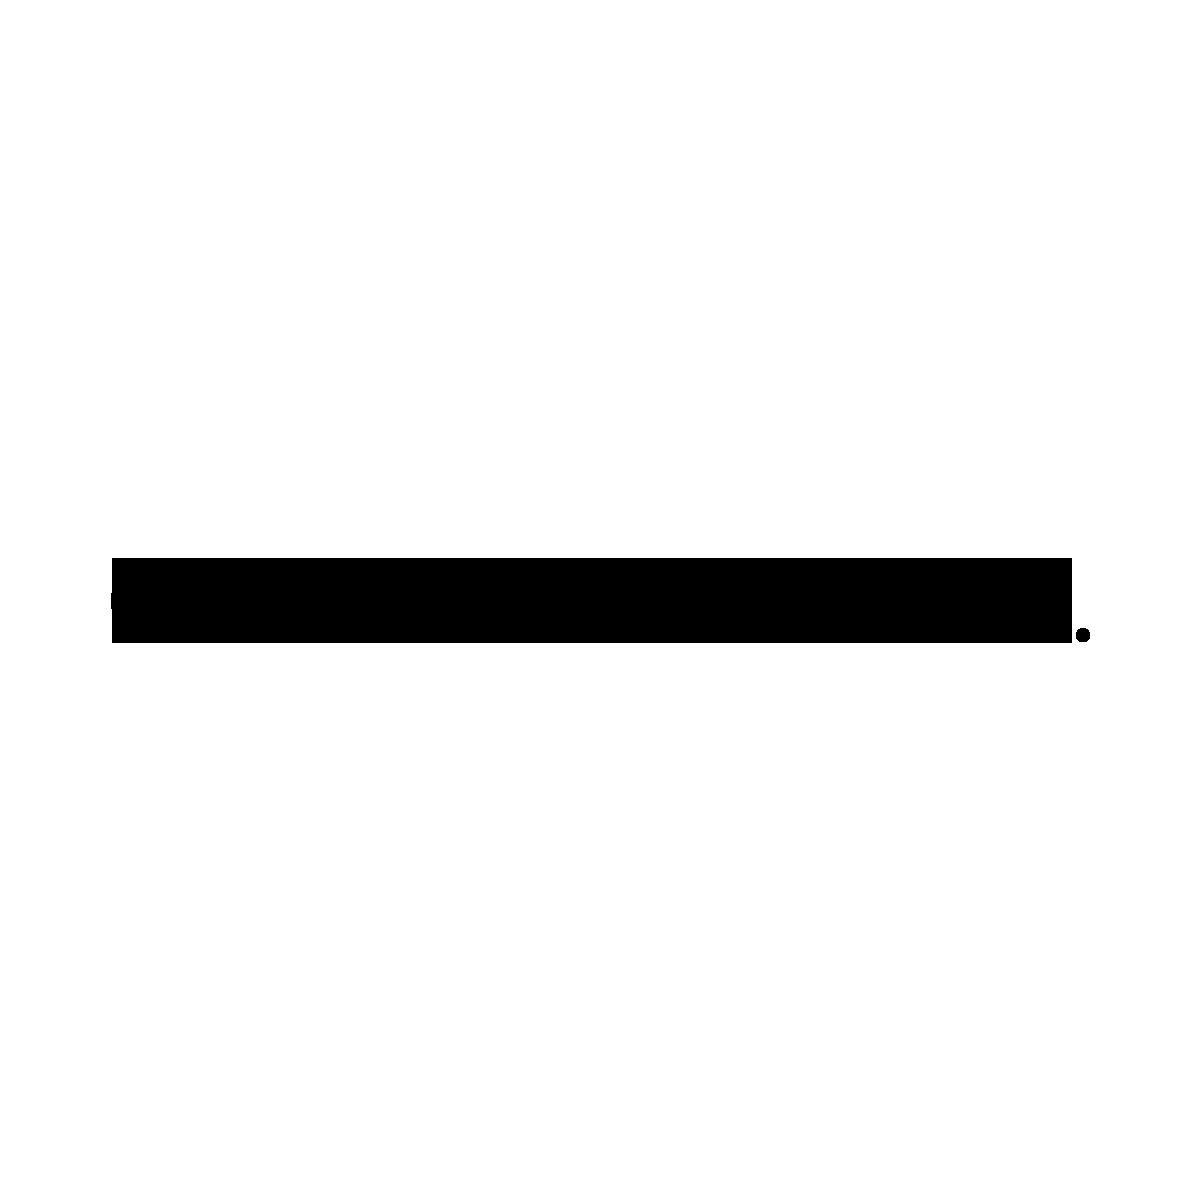 Weißer-Sneaker-Glattleder-mit-Neoprensocke-Schwarz